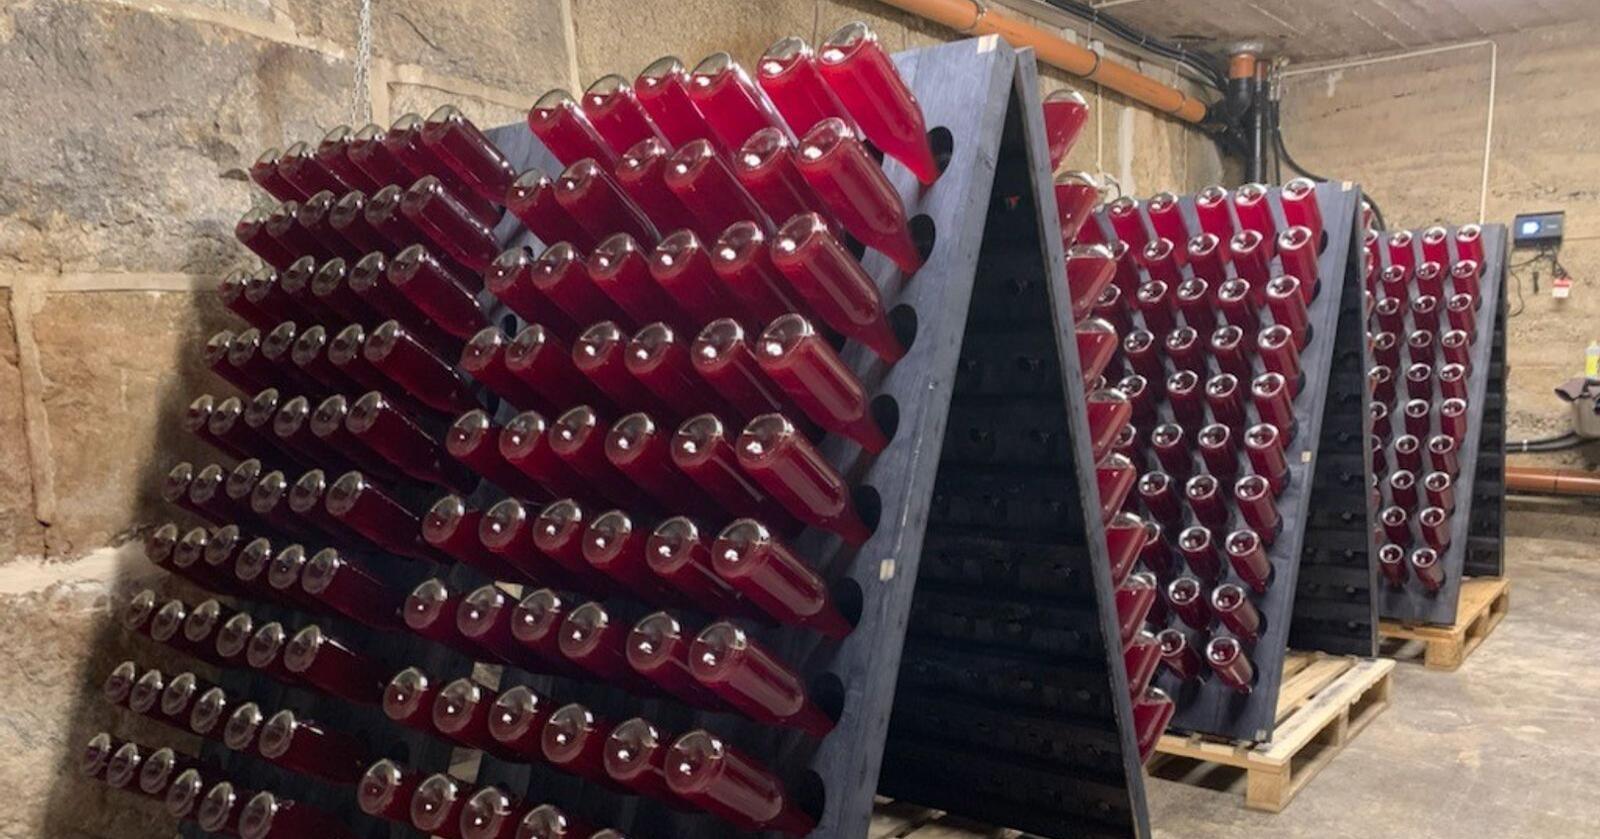 Bringebærlandet produserer musserende på champagne-metoden. Foto: Privat